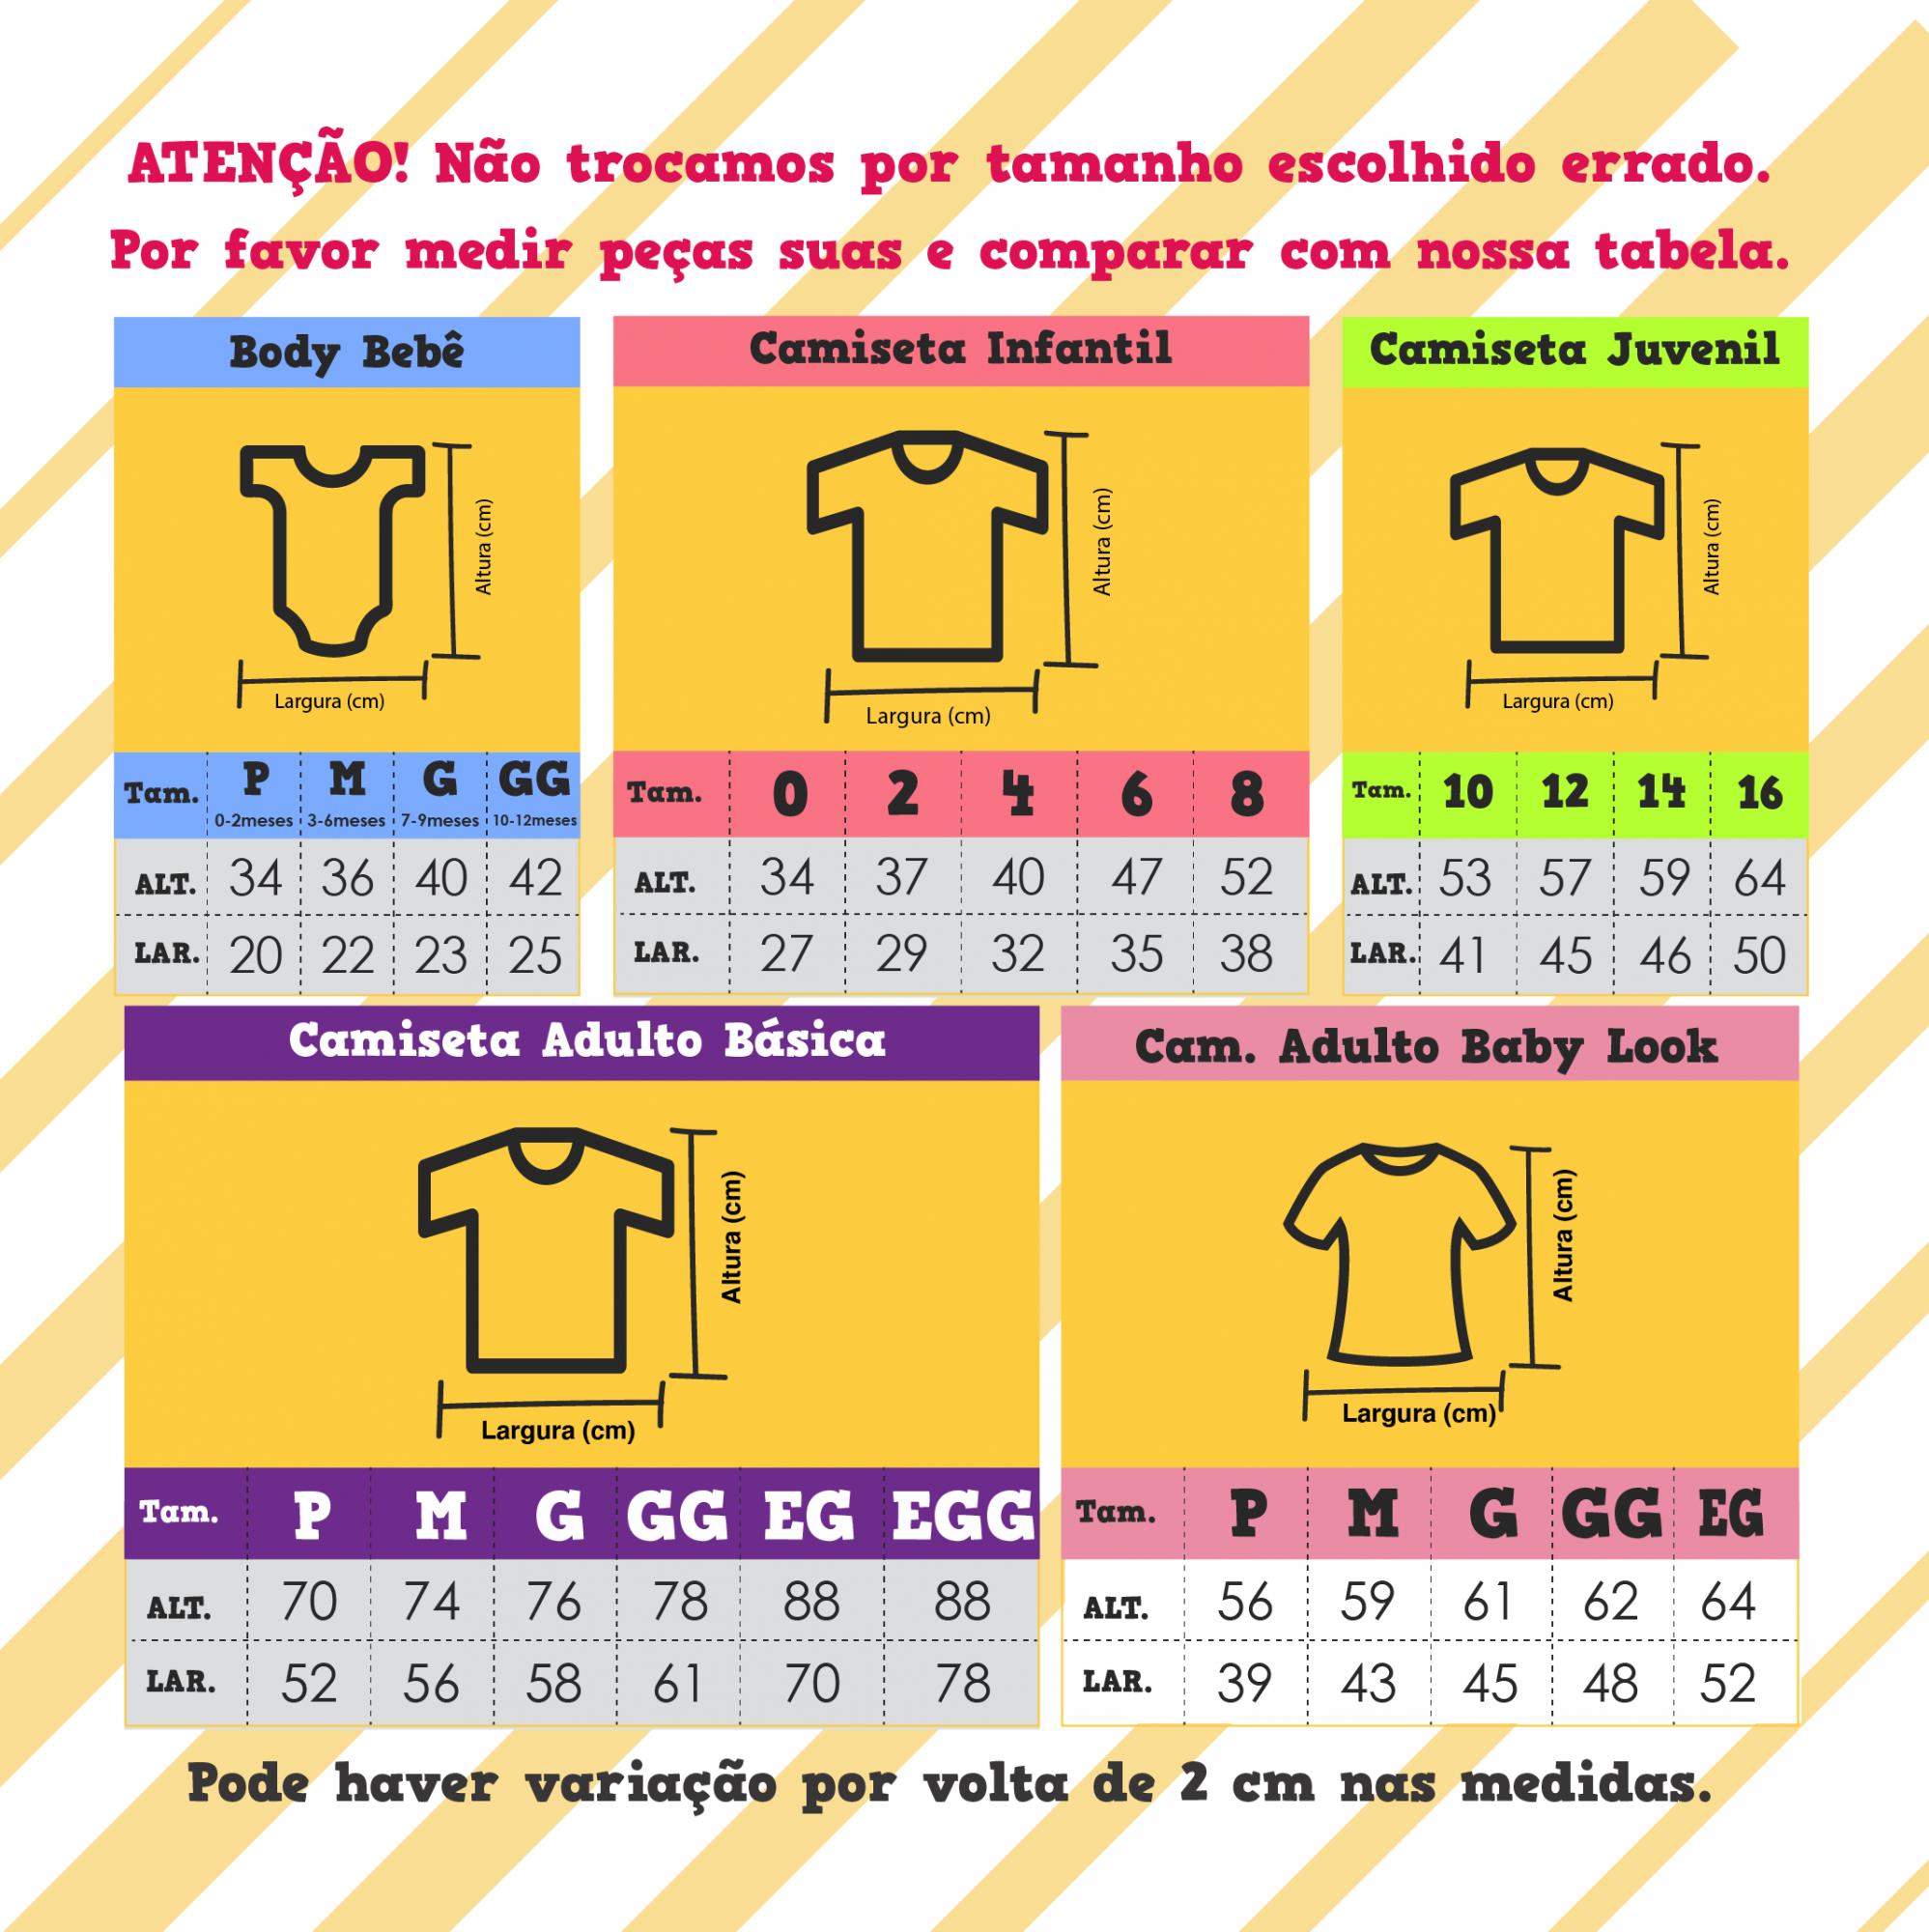 Kit De Camiseta Avó Mãe Filho (a) - Heinz - Ketchup, Mostarda e Maionese